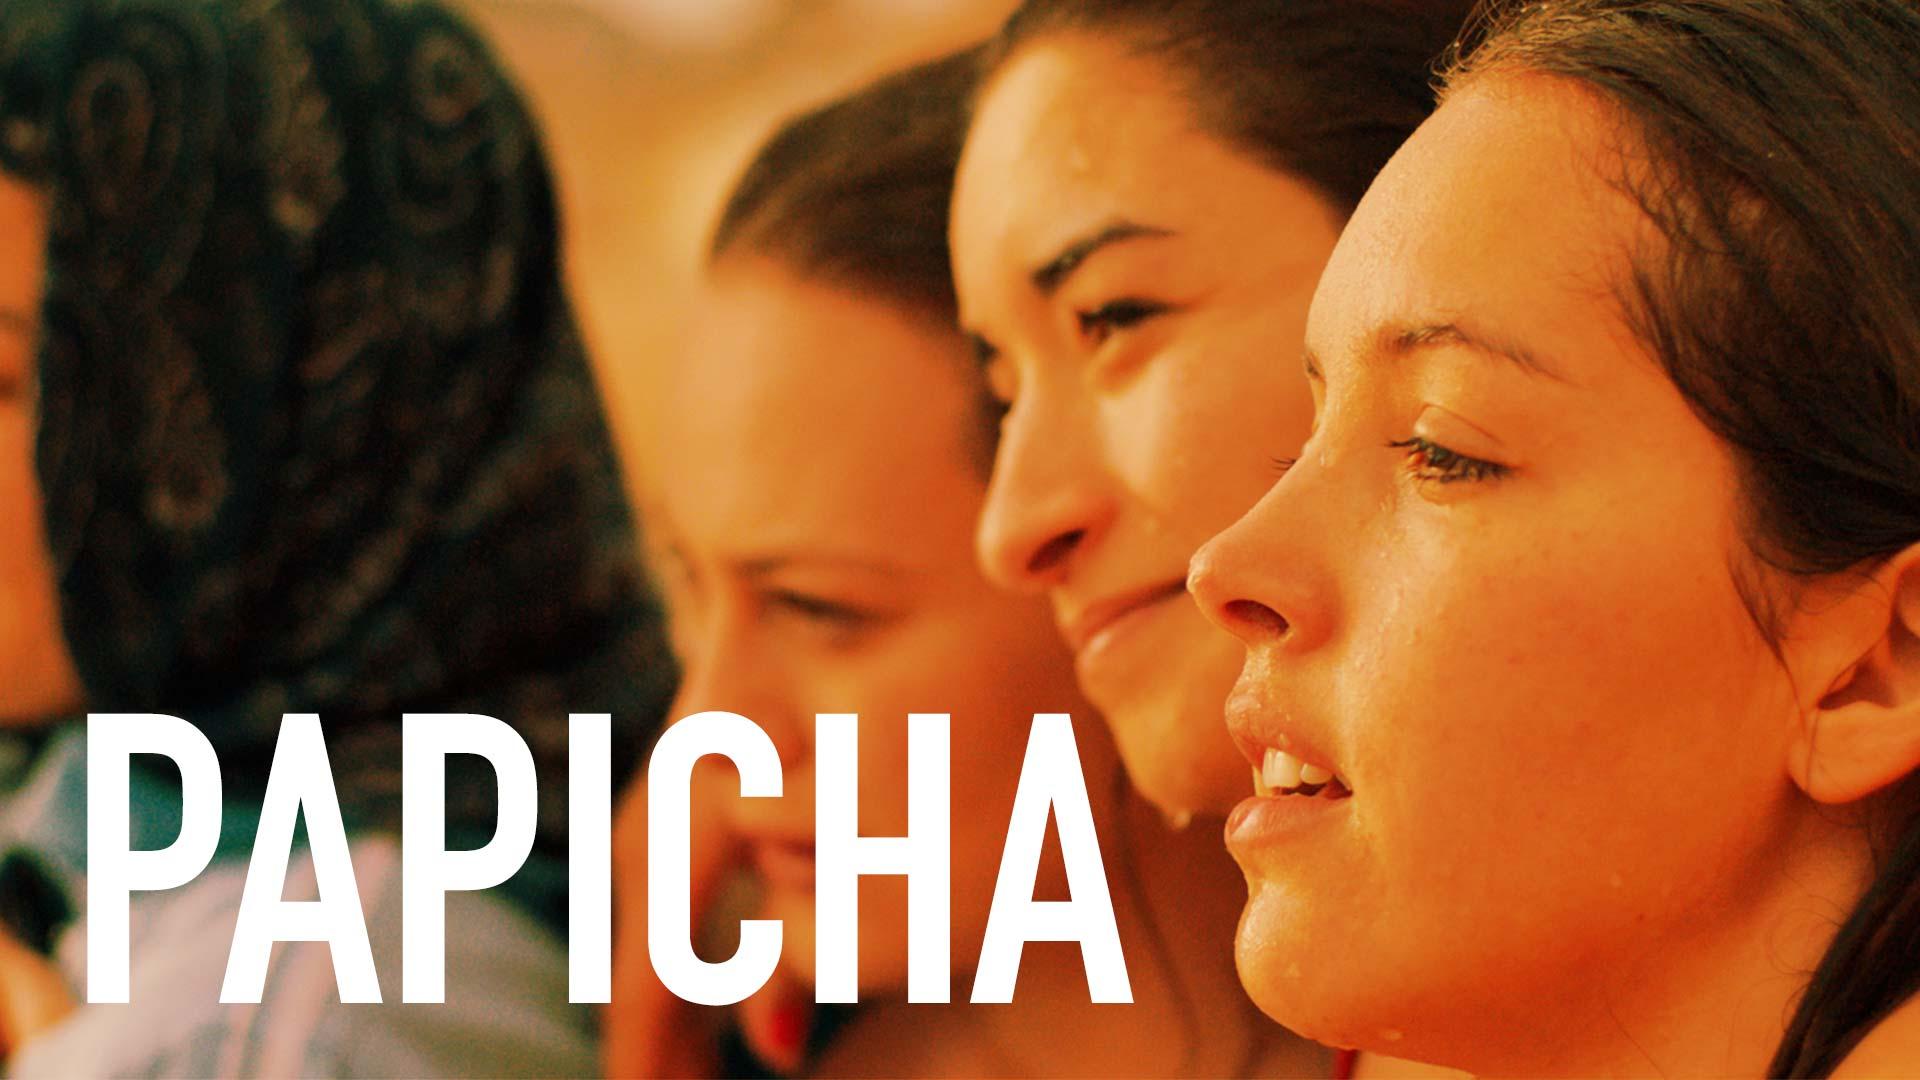 Papicha - image